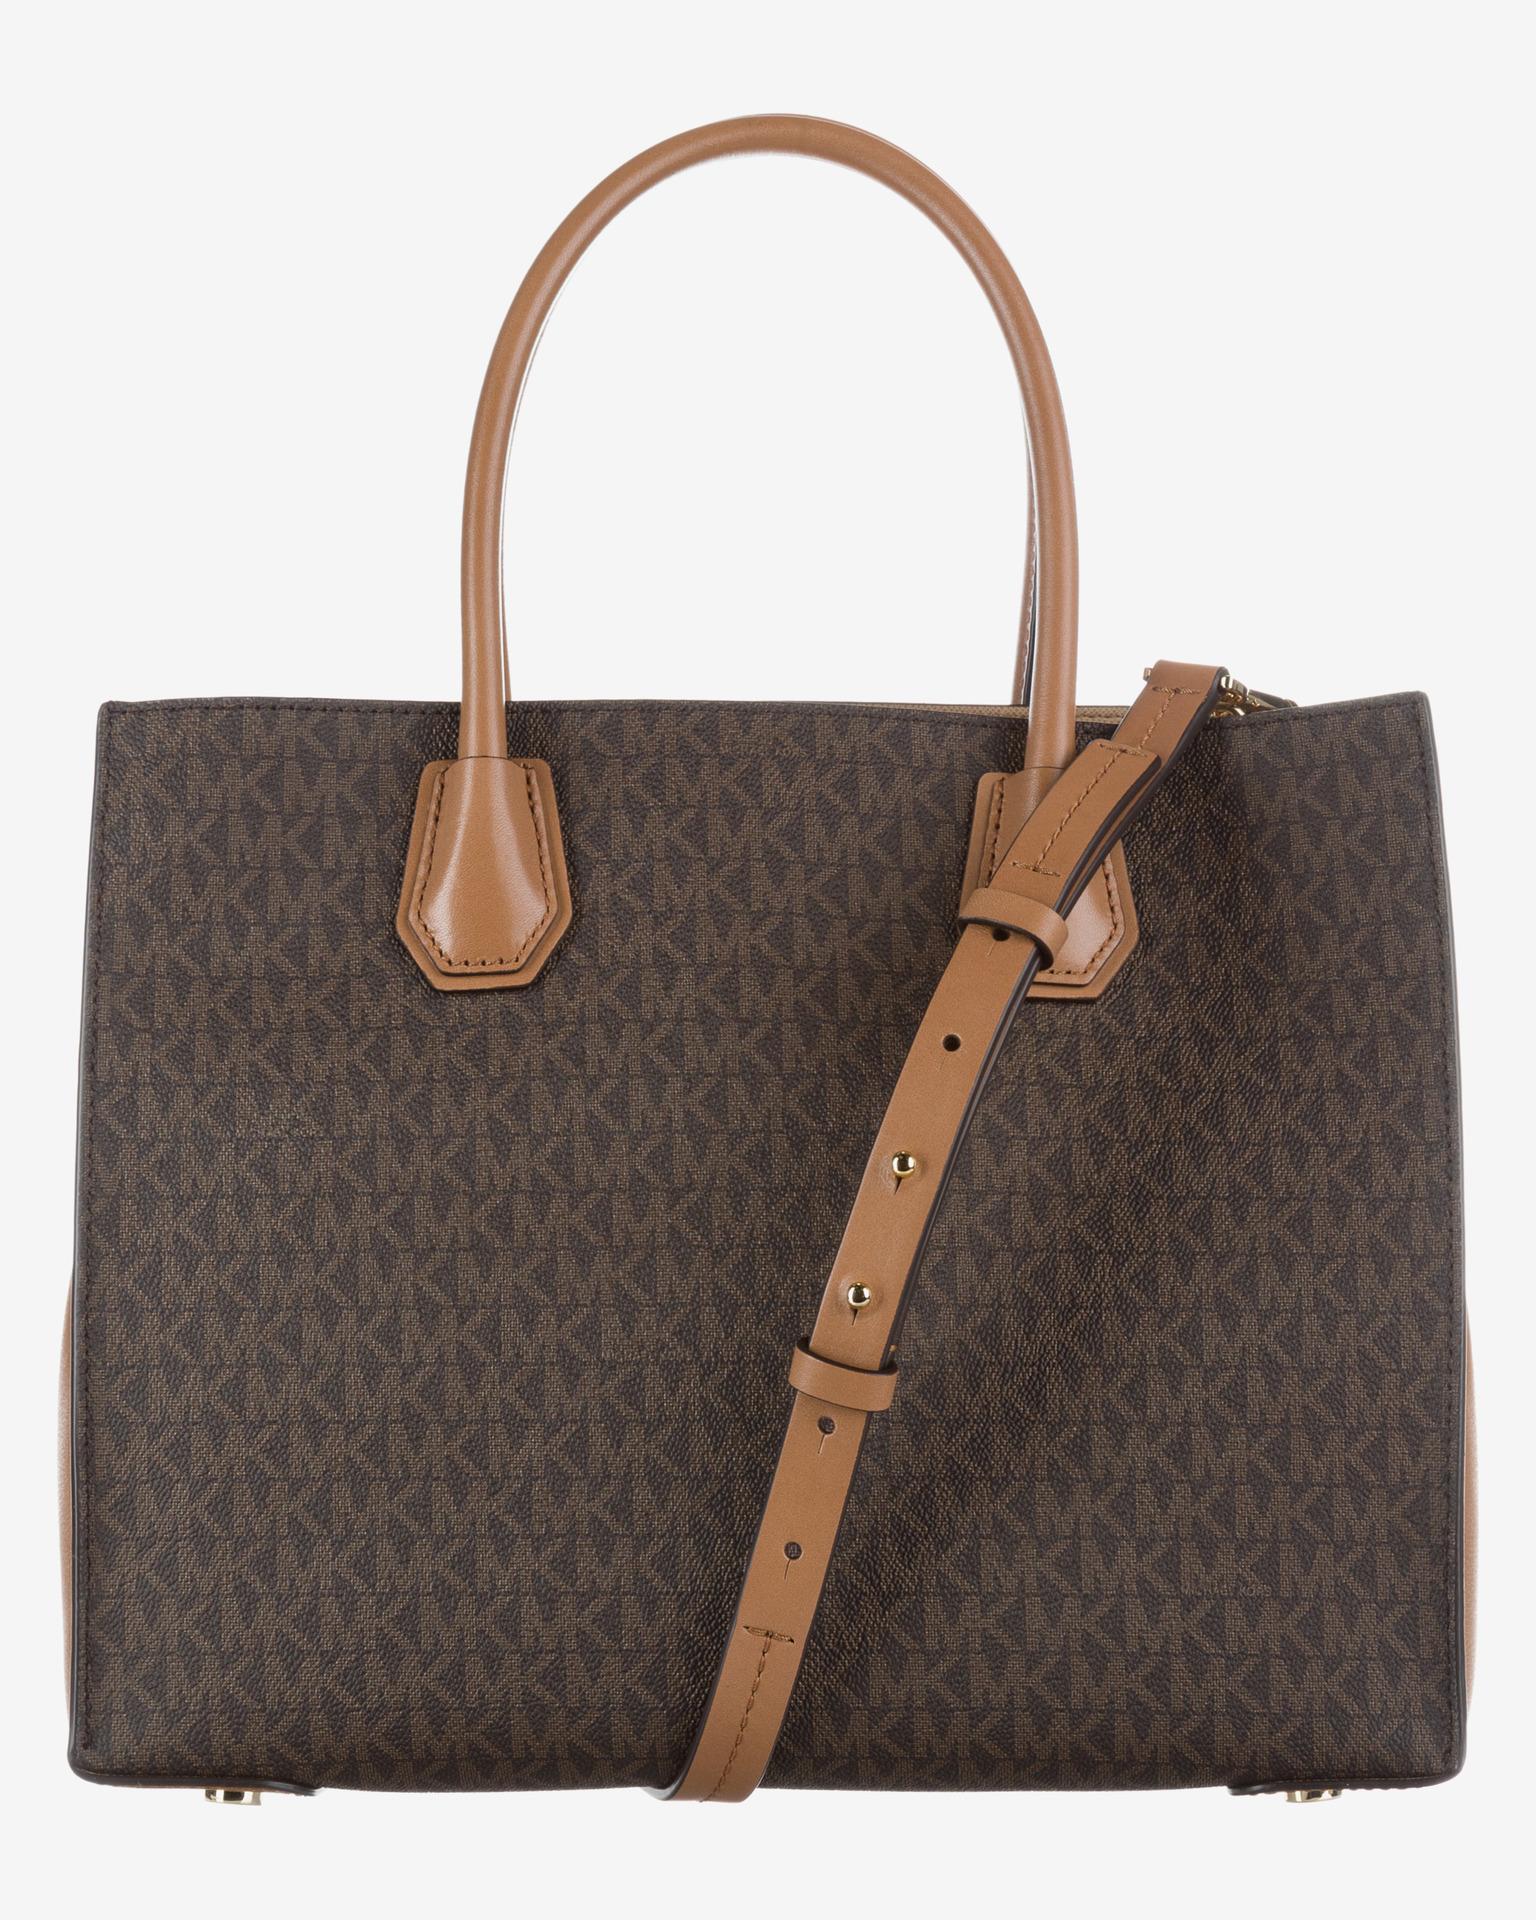 michael kors mercer large handbag. Black Bedroom Furniture Sets. Home Design Ideas